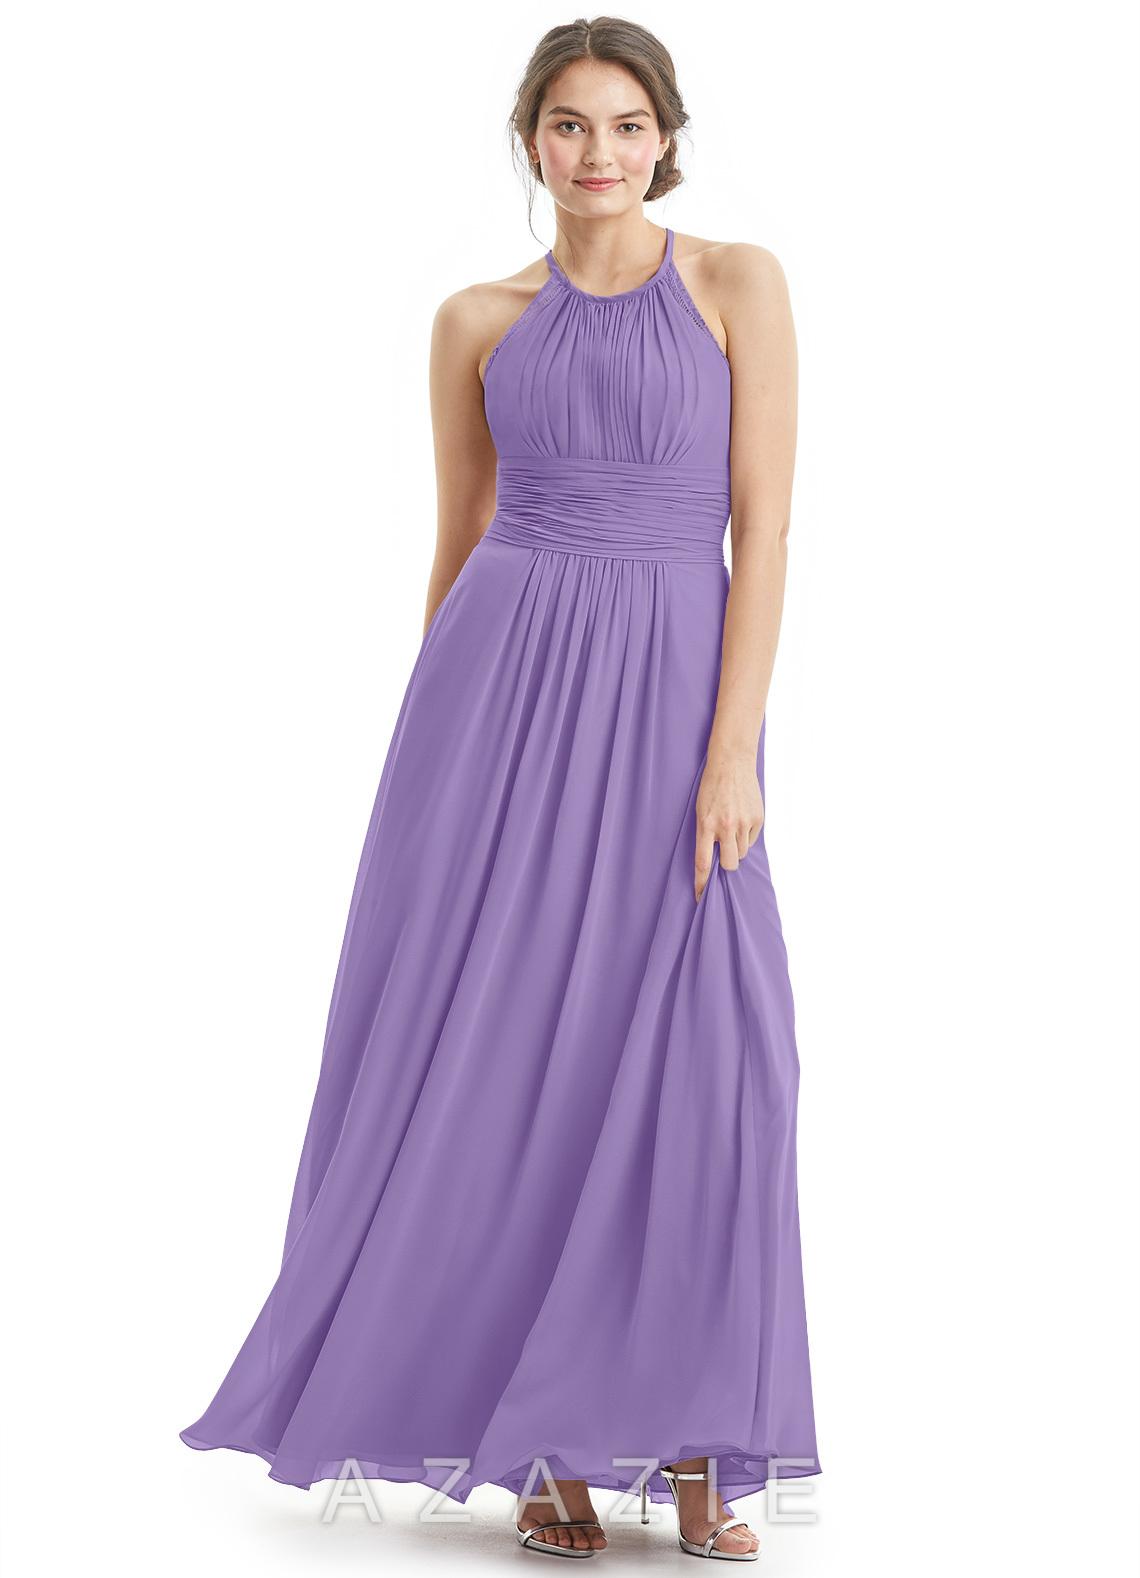 Tahiti Blue Bridesmaid Dress